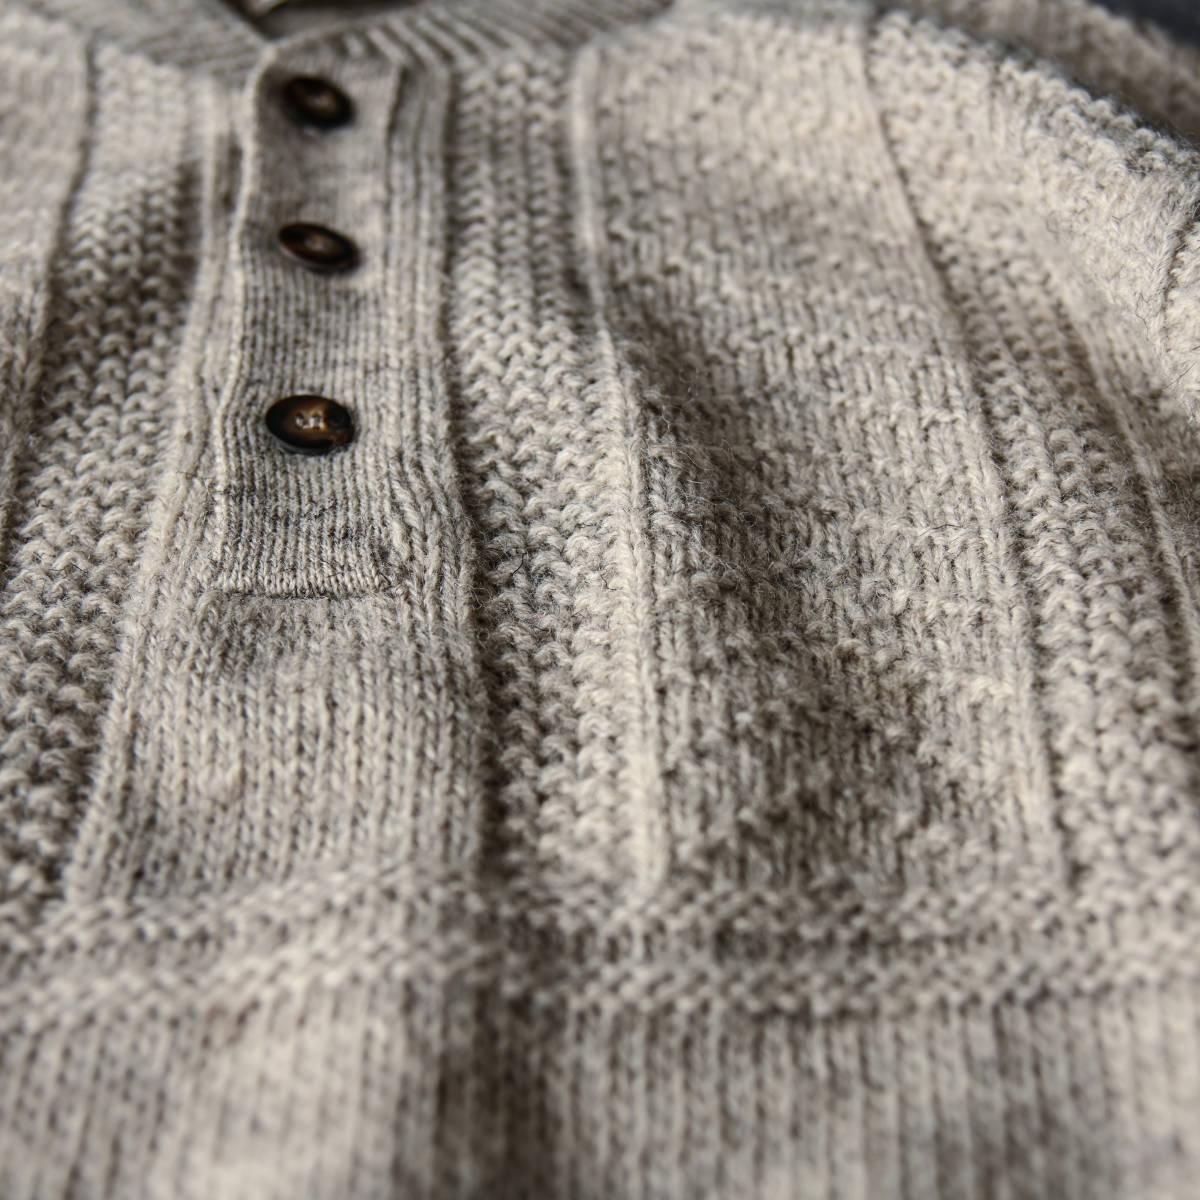 希少 80s L.L.Bean スコットランド製 ショールカラー ニット セーター 杢ウール / ビンテージ エルエルビーン フィッシャーマン 70s 90s_画像5